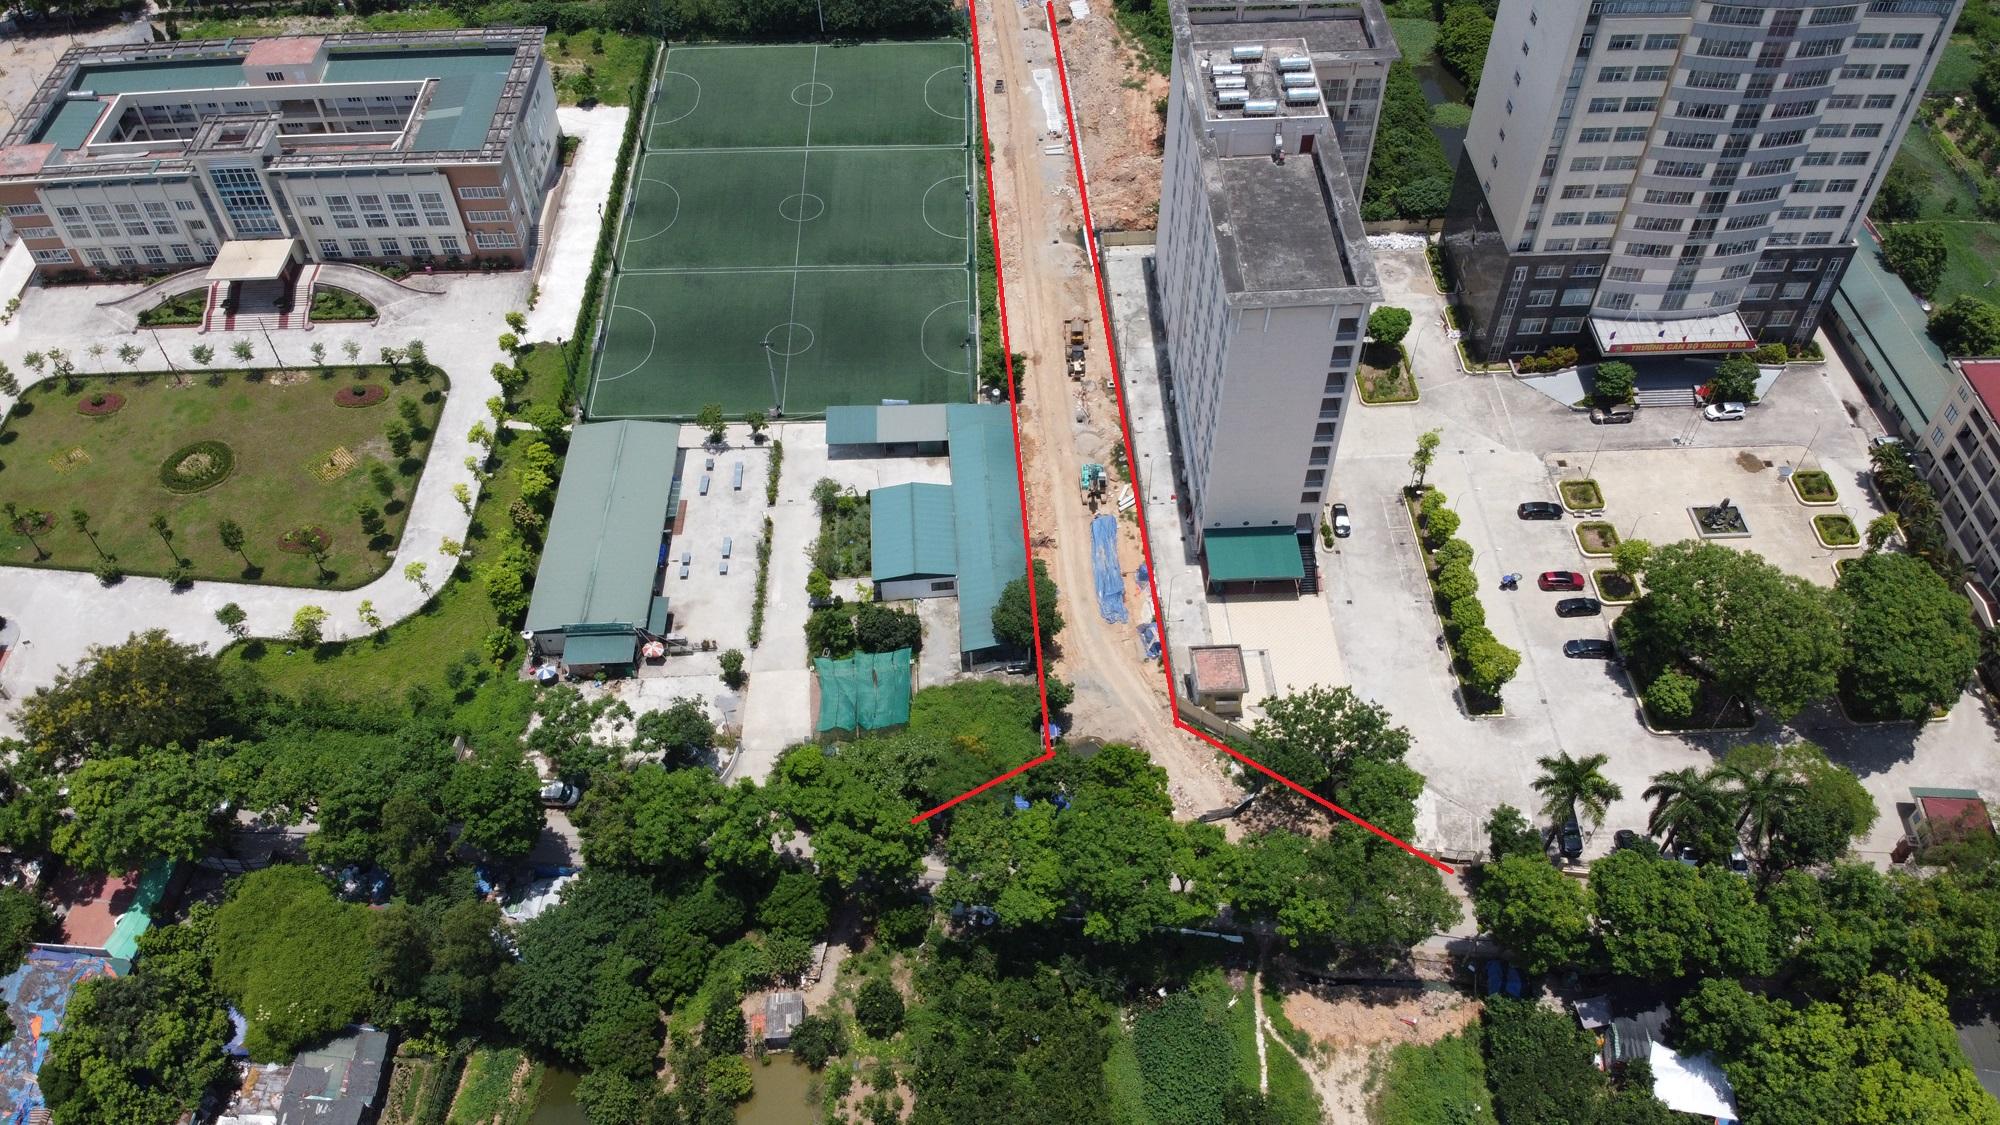 đường sẽ mở theo qui hoạch ở phường Đức Thắng, Bắc Từ Liêm, Hà Nội - Ảnh 6.